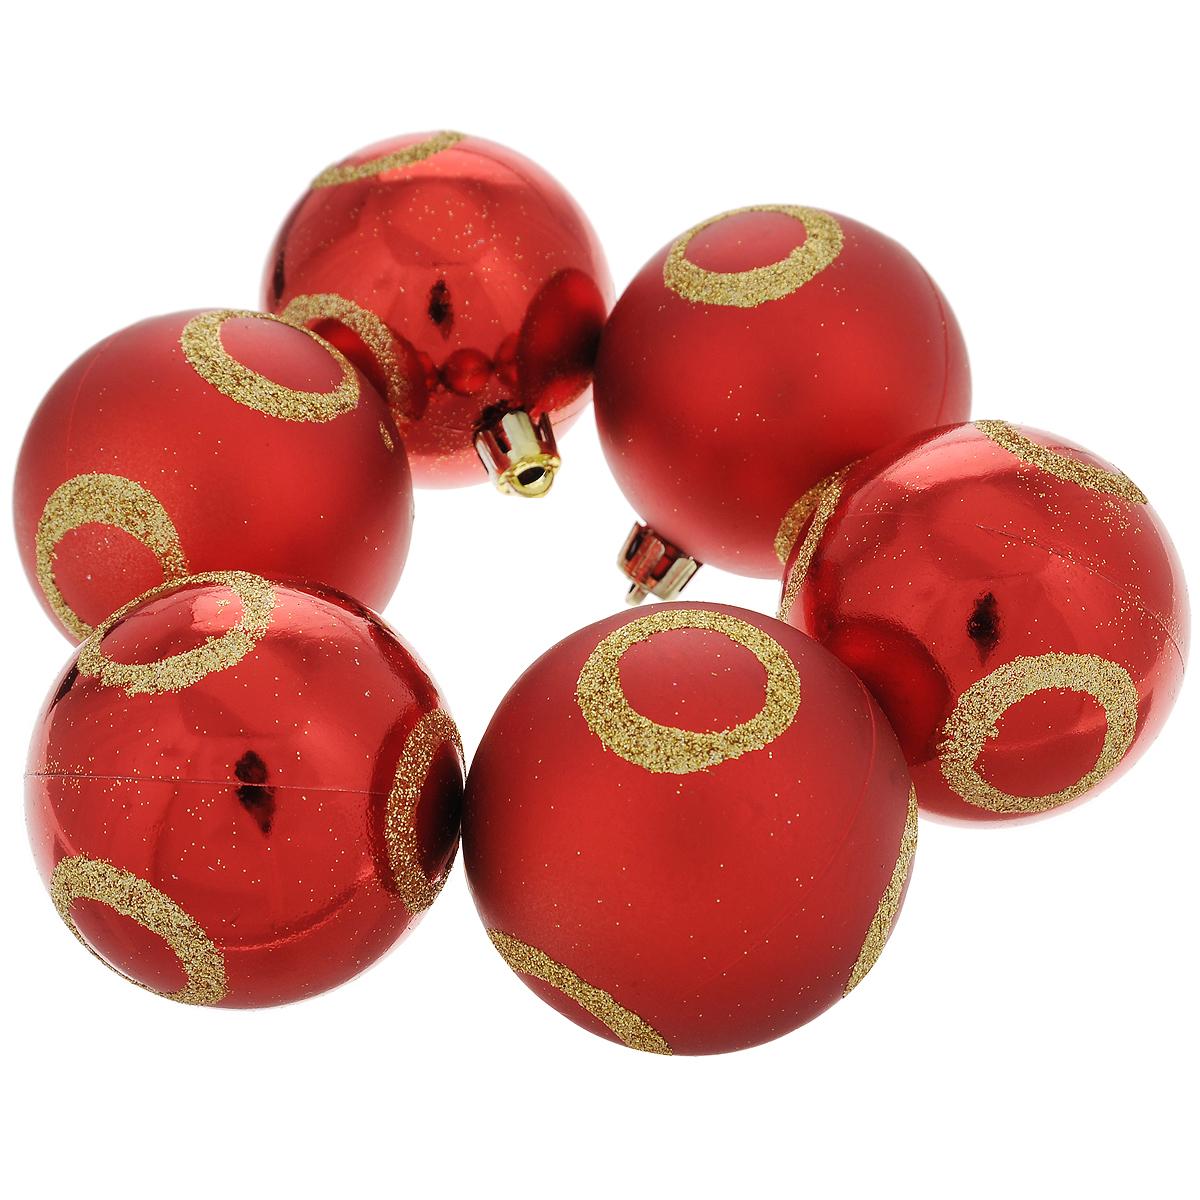 Набор новогодних подвесных украшений Шар, цвет: золотистый, красный, диаметр 6 см, 6 шт. 3550035500Набор новогодних подвесных украшений Шар прекрасно подойдет для праздничного декора новогодней ели. Состоит из шести шаров. Елочная игрушка - символ Нового года. Она несет в себе волшебство и красоту праздника. Создайте в своем доме атмосферу веселья и радости, украшая новогоднюю елку нарядными игрушками, которые будут из года в год накапливать теплоту воспоминаний. Коллекция декоративных украшений принесет в ваш дом ни с чем несравнимое ощущение волшебства! Откройте для себя удивительный мир сказок и грез. Почувствуйте волшебные минуты ожидания праздника, создайте новогоднее настроение вашим дорогим и близким.